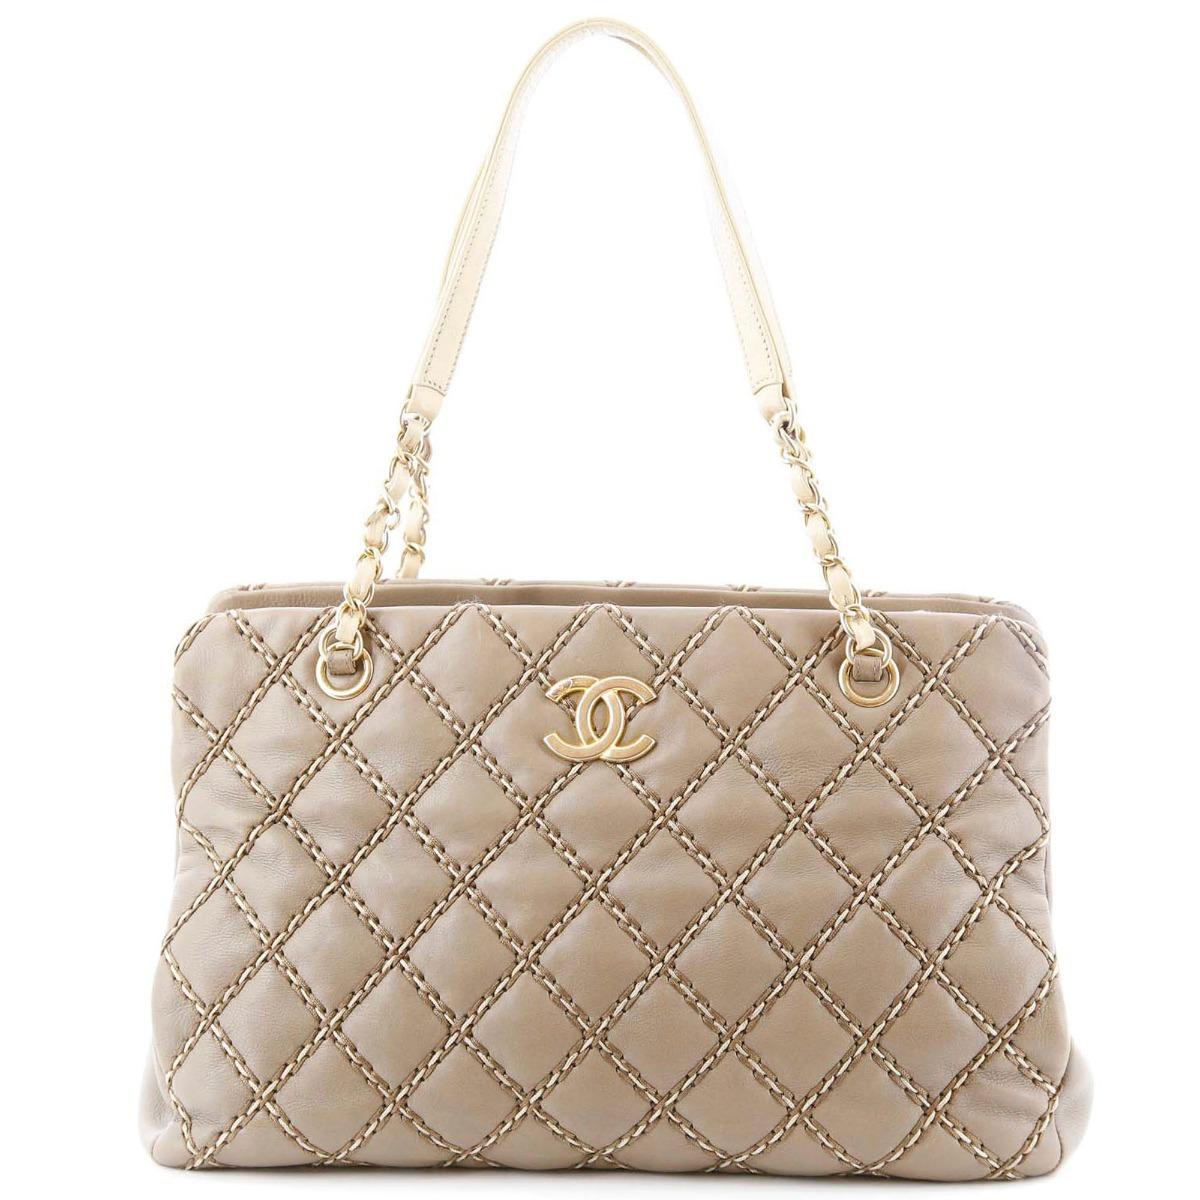 ddf04e19b70e Купить среднюю сумку Chanel за 177700 руб. в интернет магазине ...